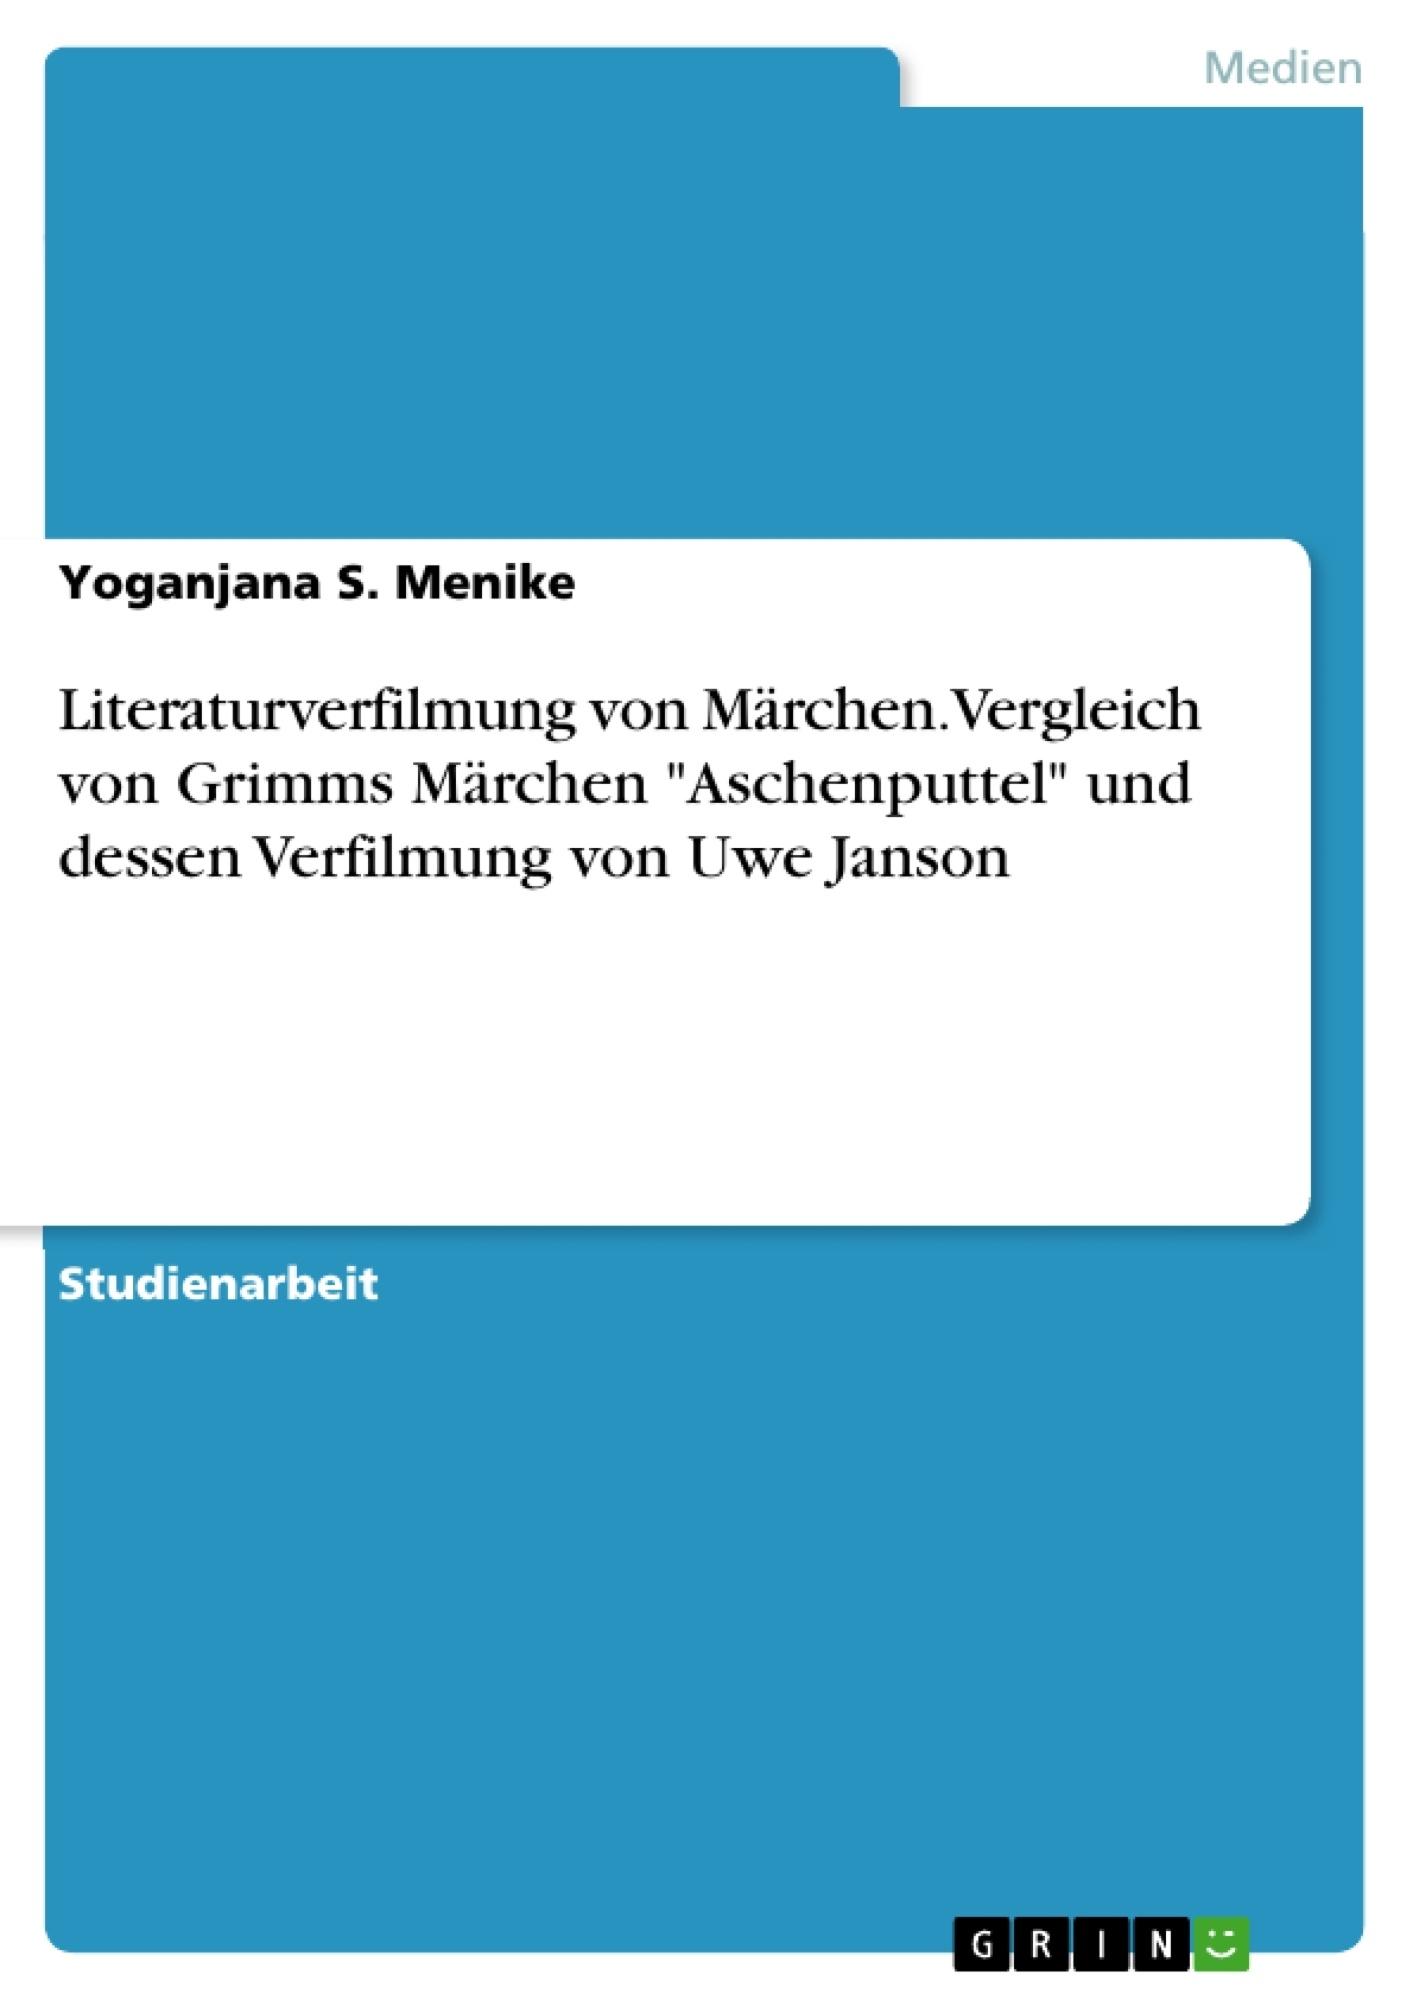 """Titel: Literaturverfilmung von Märchen. Vergleich von Grimms Märchen """"Aschenputtel"""" und dessen Verfilmung von Uwe Janson"""